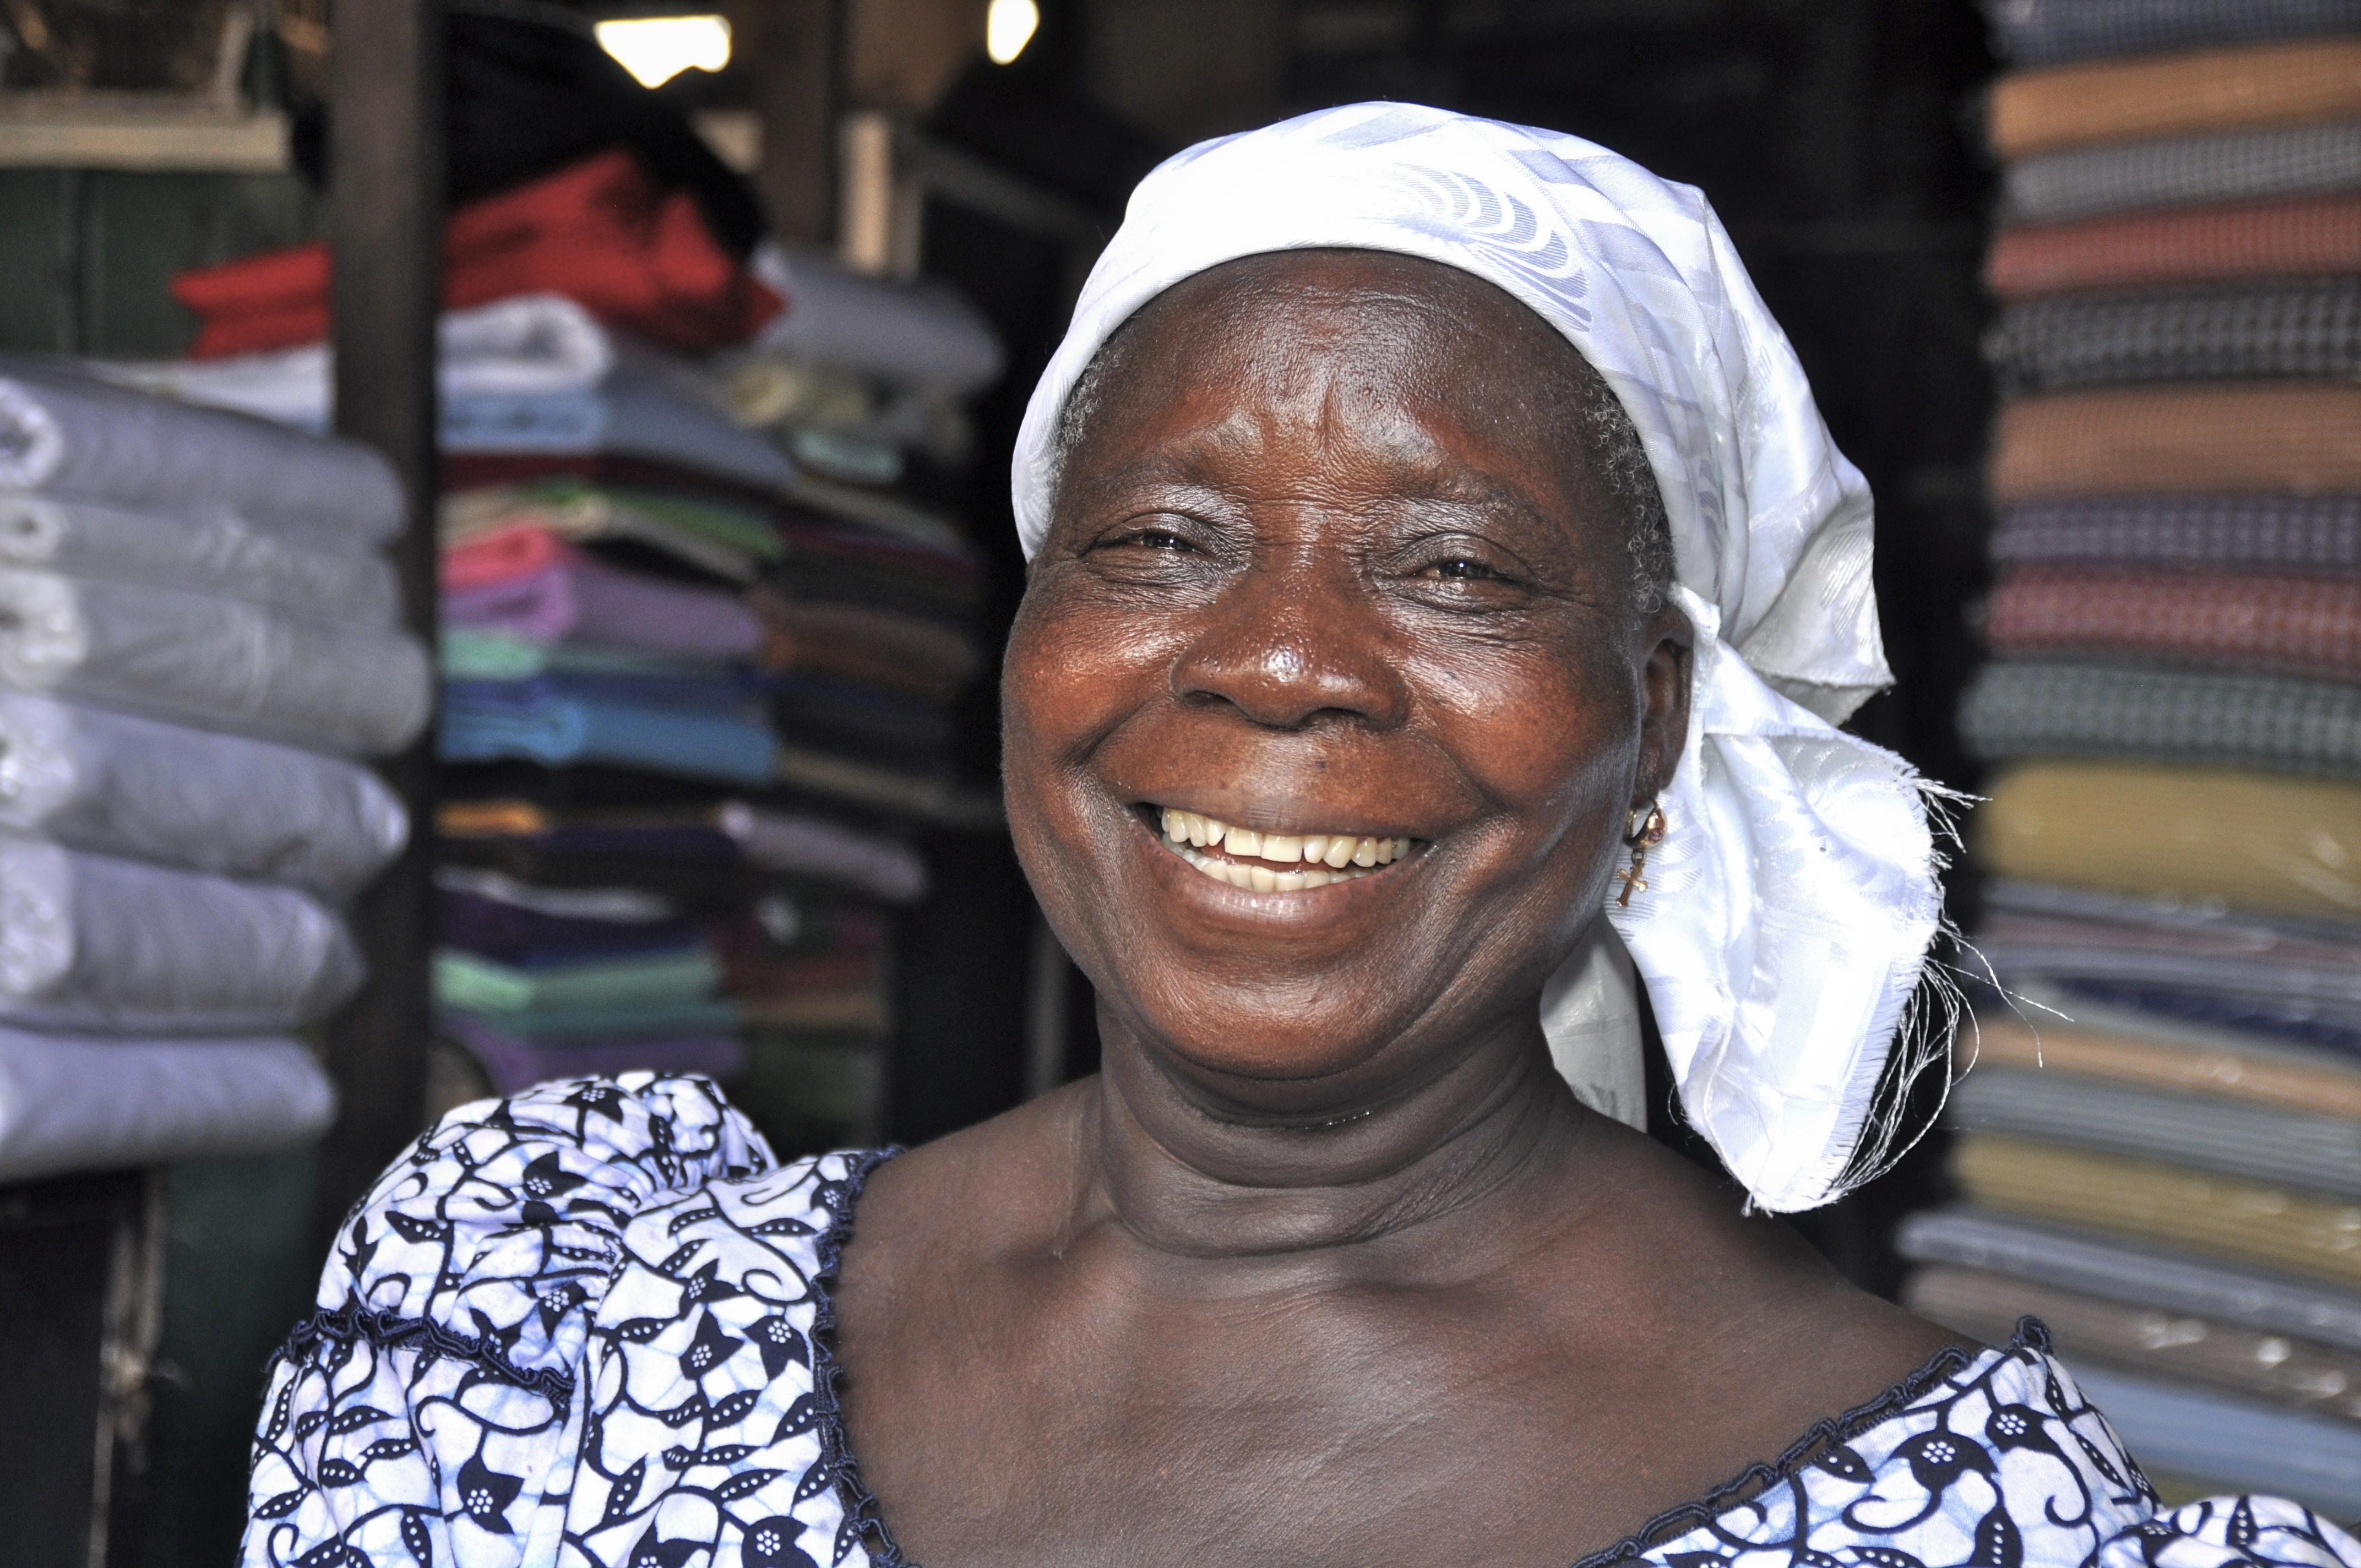 Lachende Frau vor ihrem Marktstand in Afrika